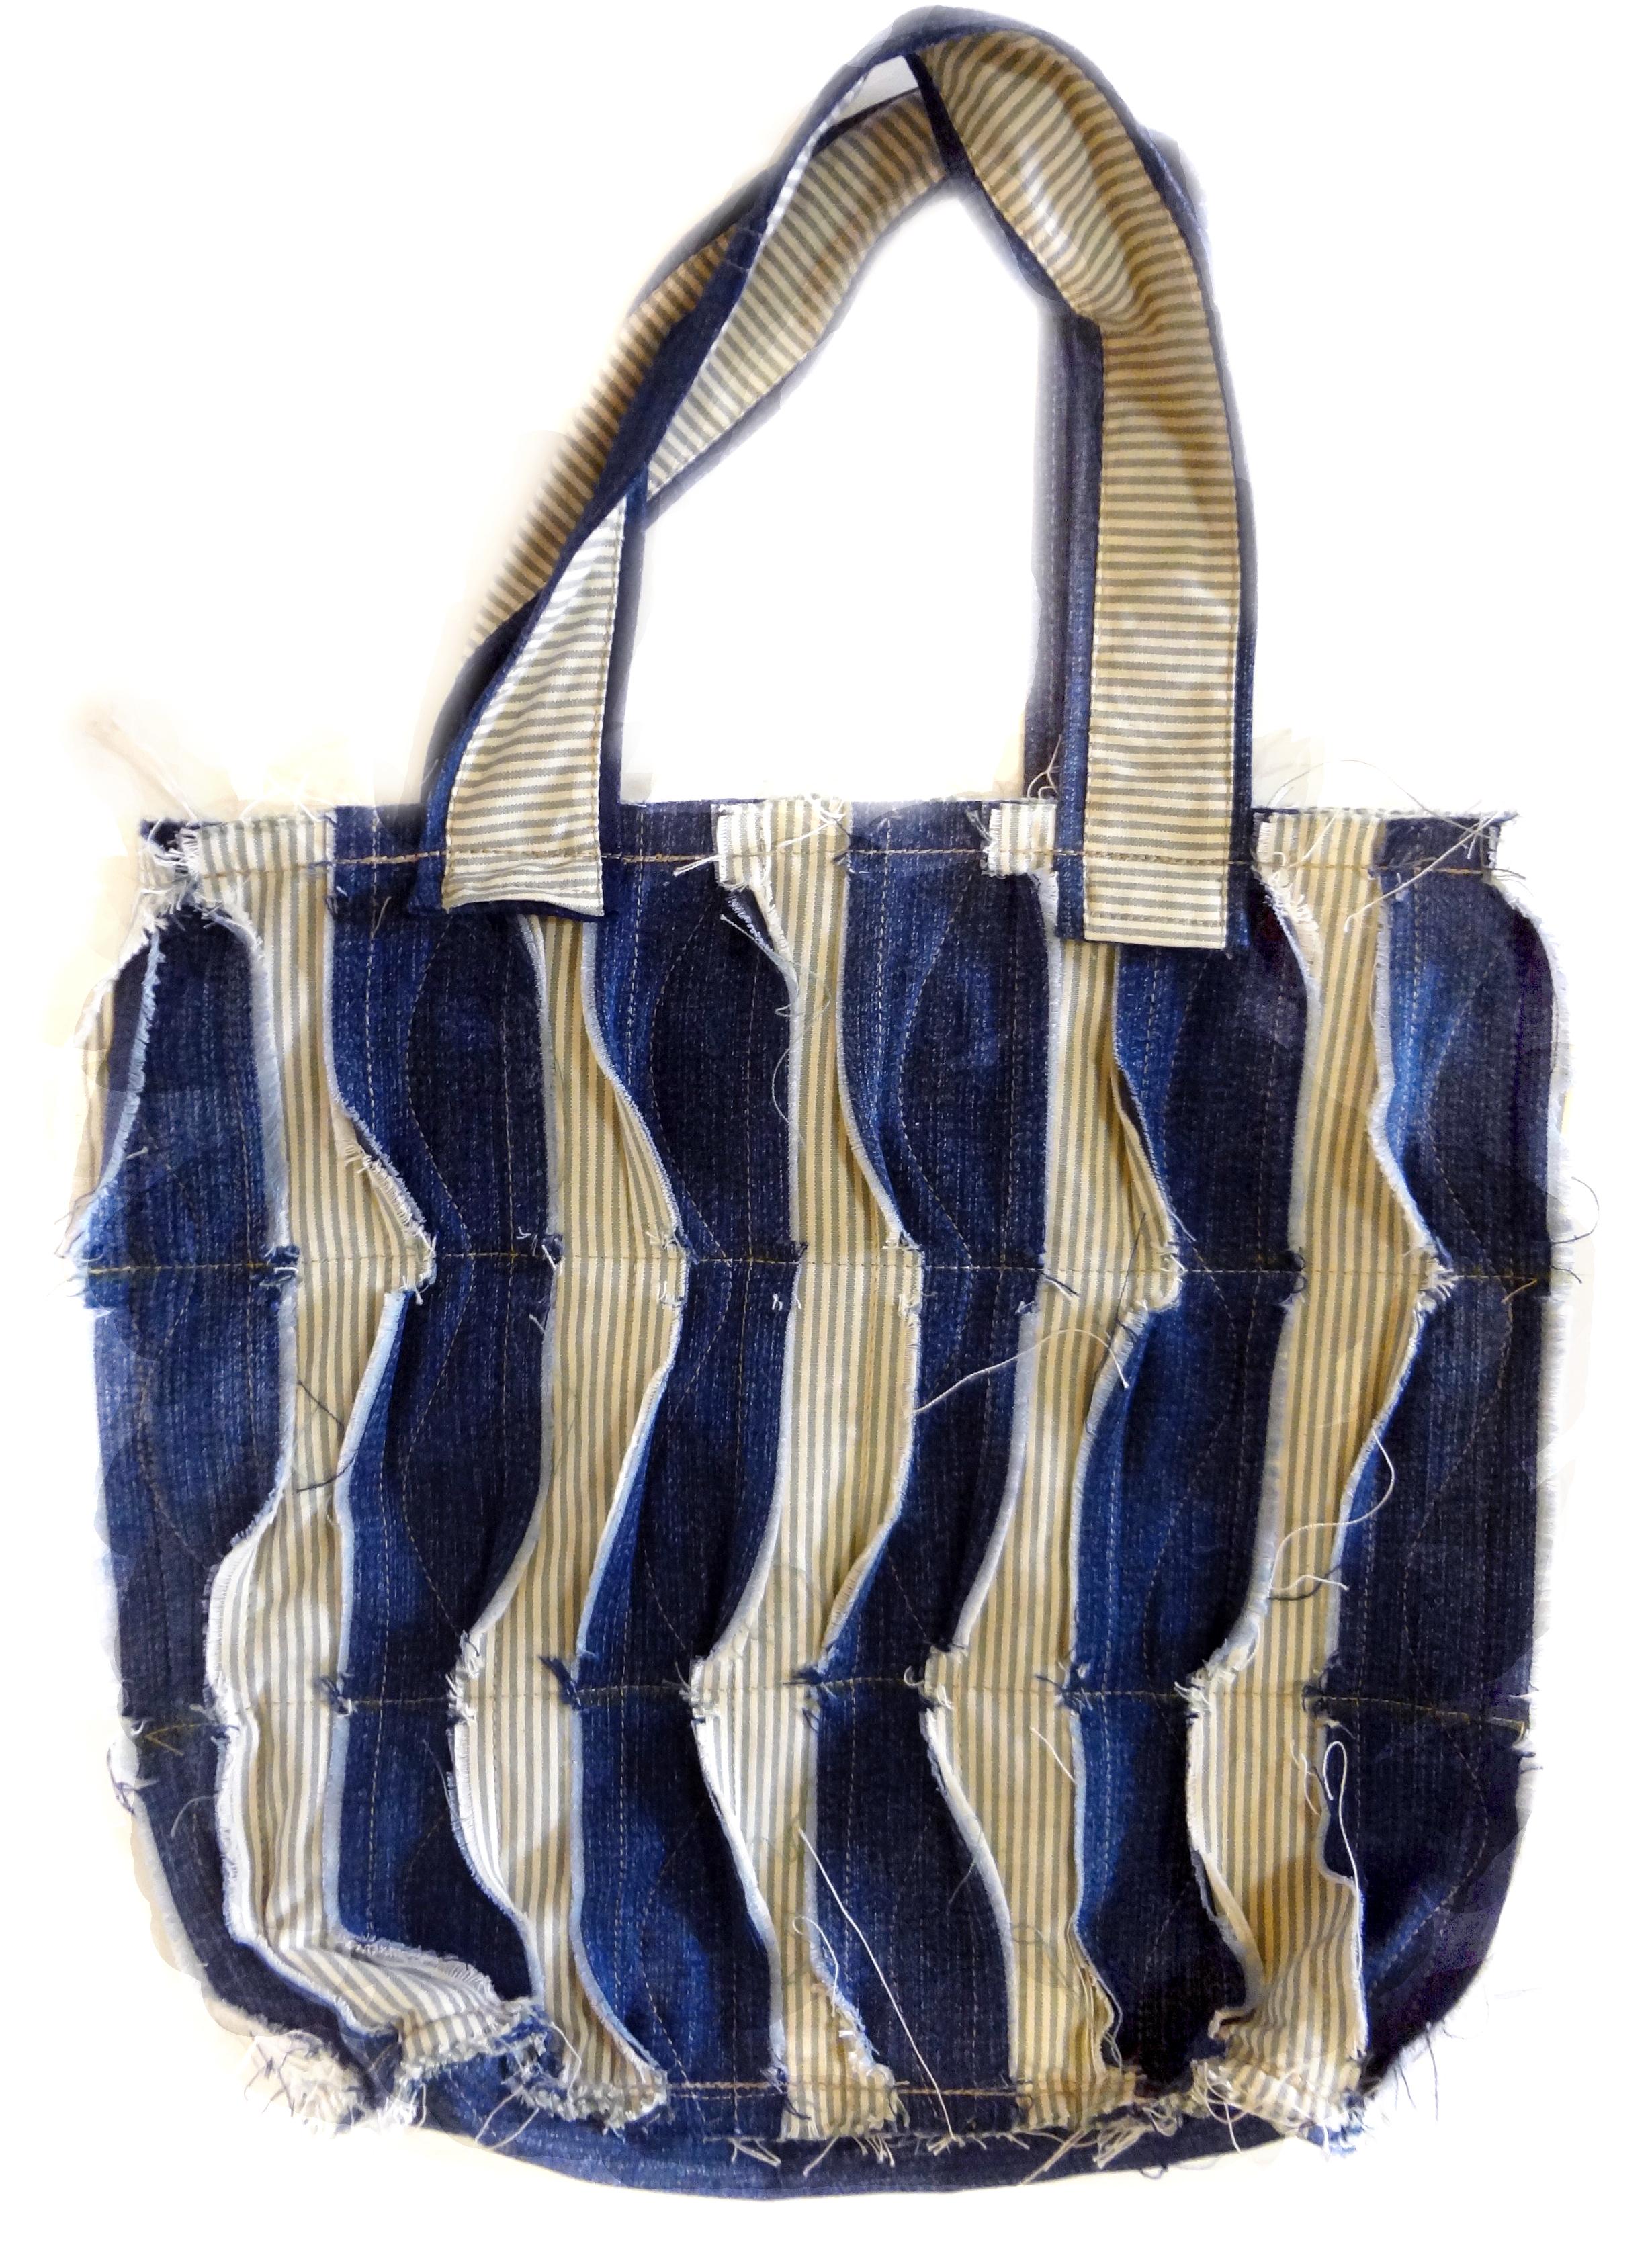 Bolsa De Tecido E Jeans : Bolsa com retalhos de tecido e jeans elizabeth elo